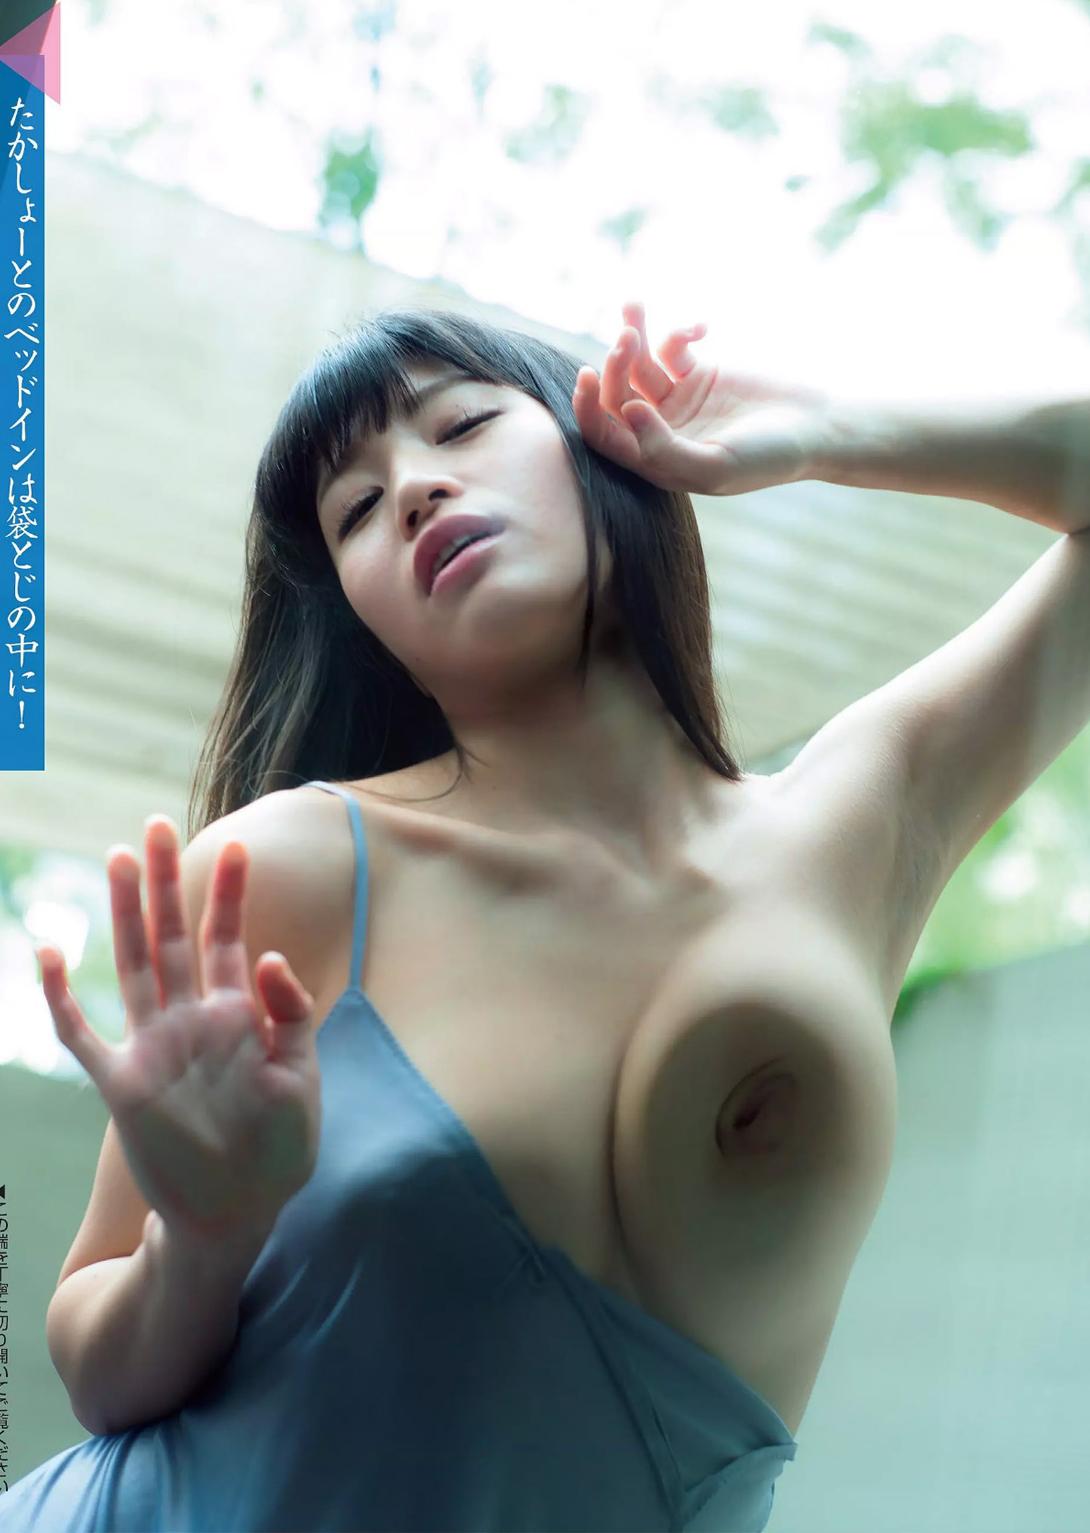 三次元 3次元 エロ画像 AV女優 高橋しょう子 ヌード べっぴん娘通信 70